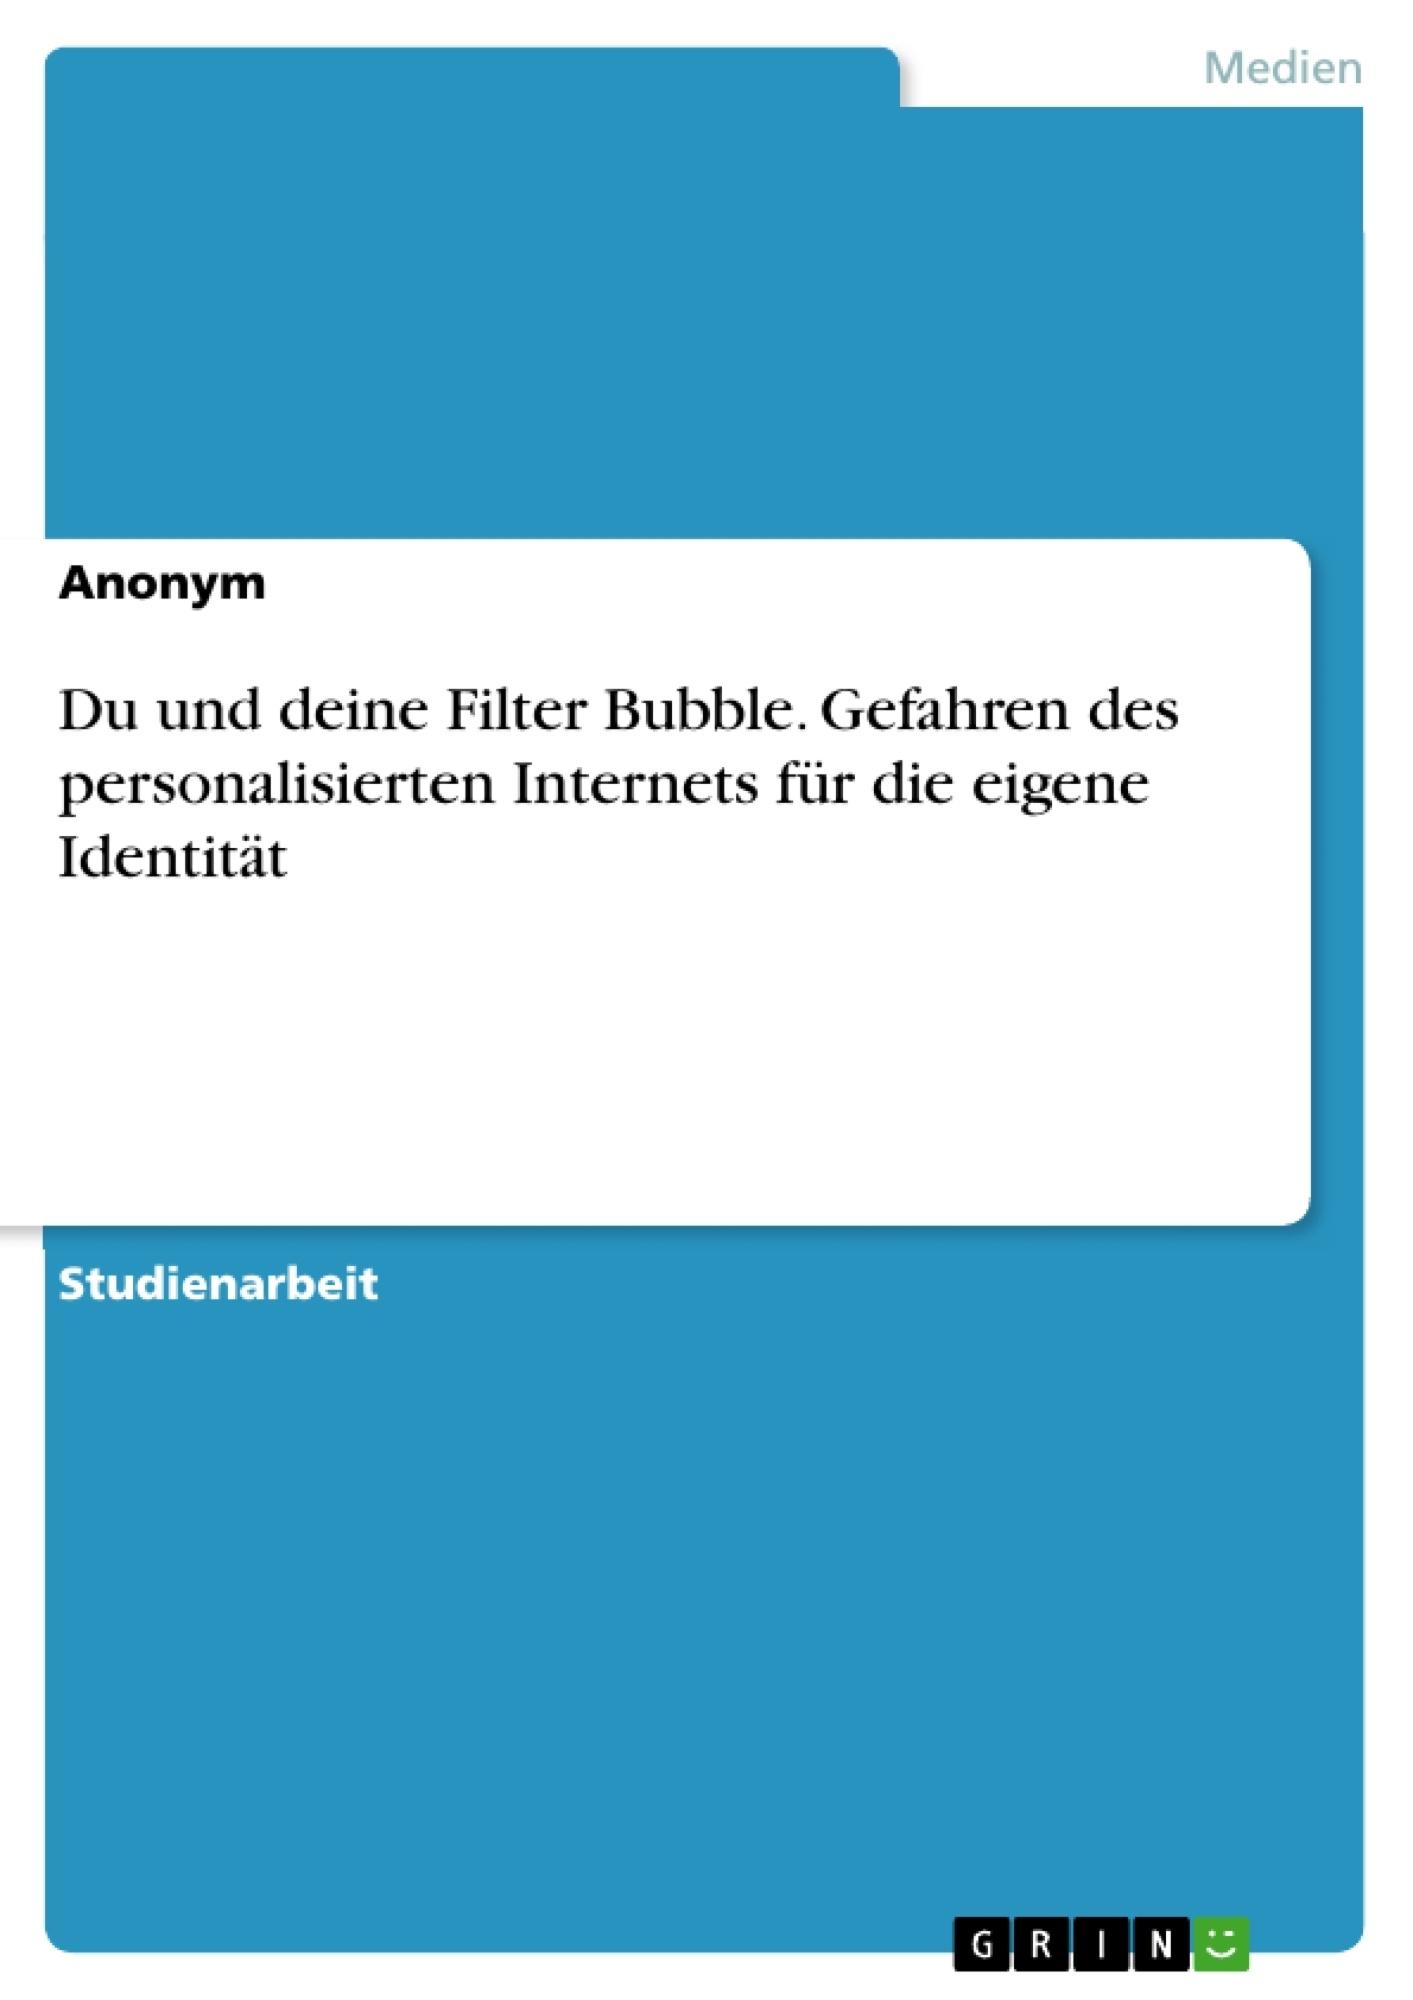 Titel: Du und deine Filter Bubble. Gefahren des personalisierten Internets für die eigene Identität